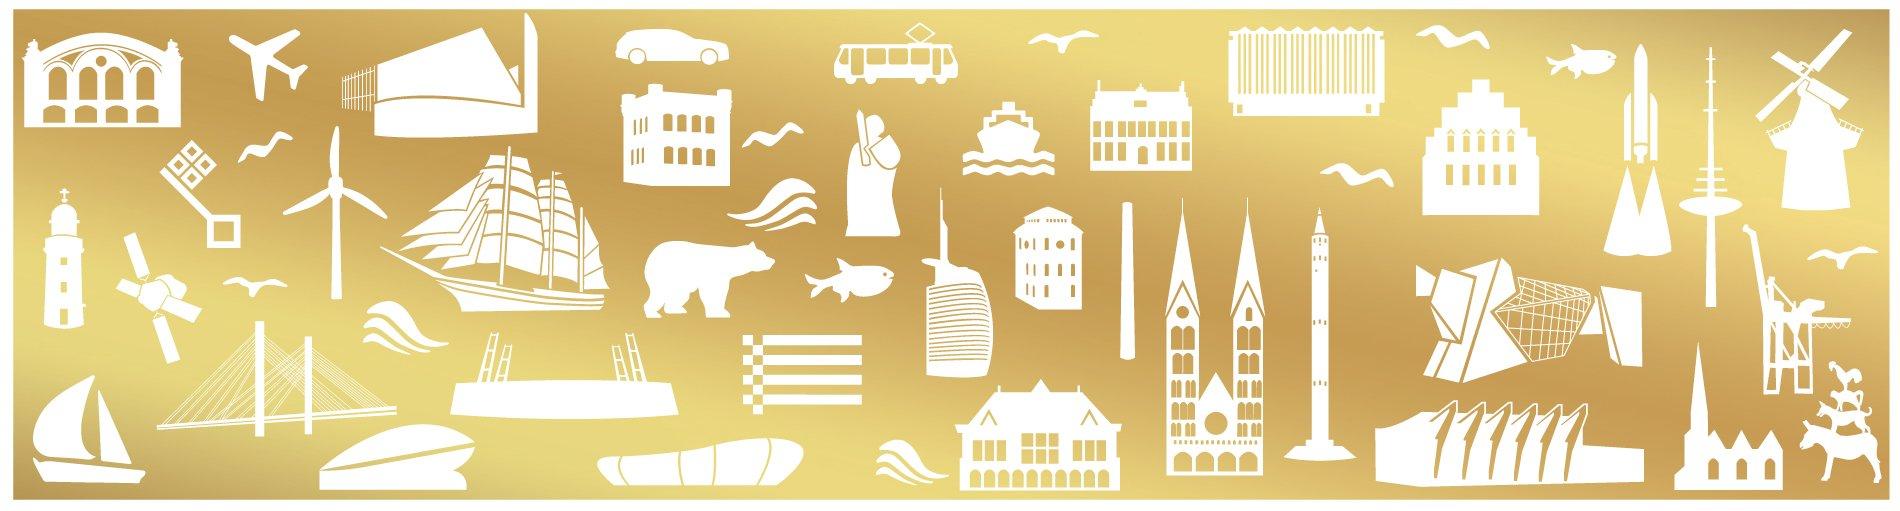 Goldener Hintergrund, darauf weiße Icons mit bremischem Bezug.